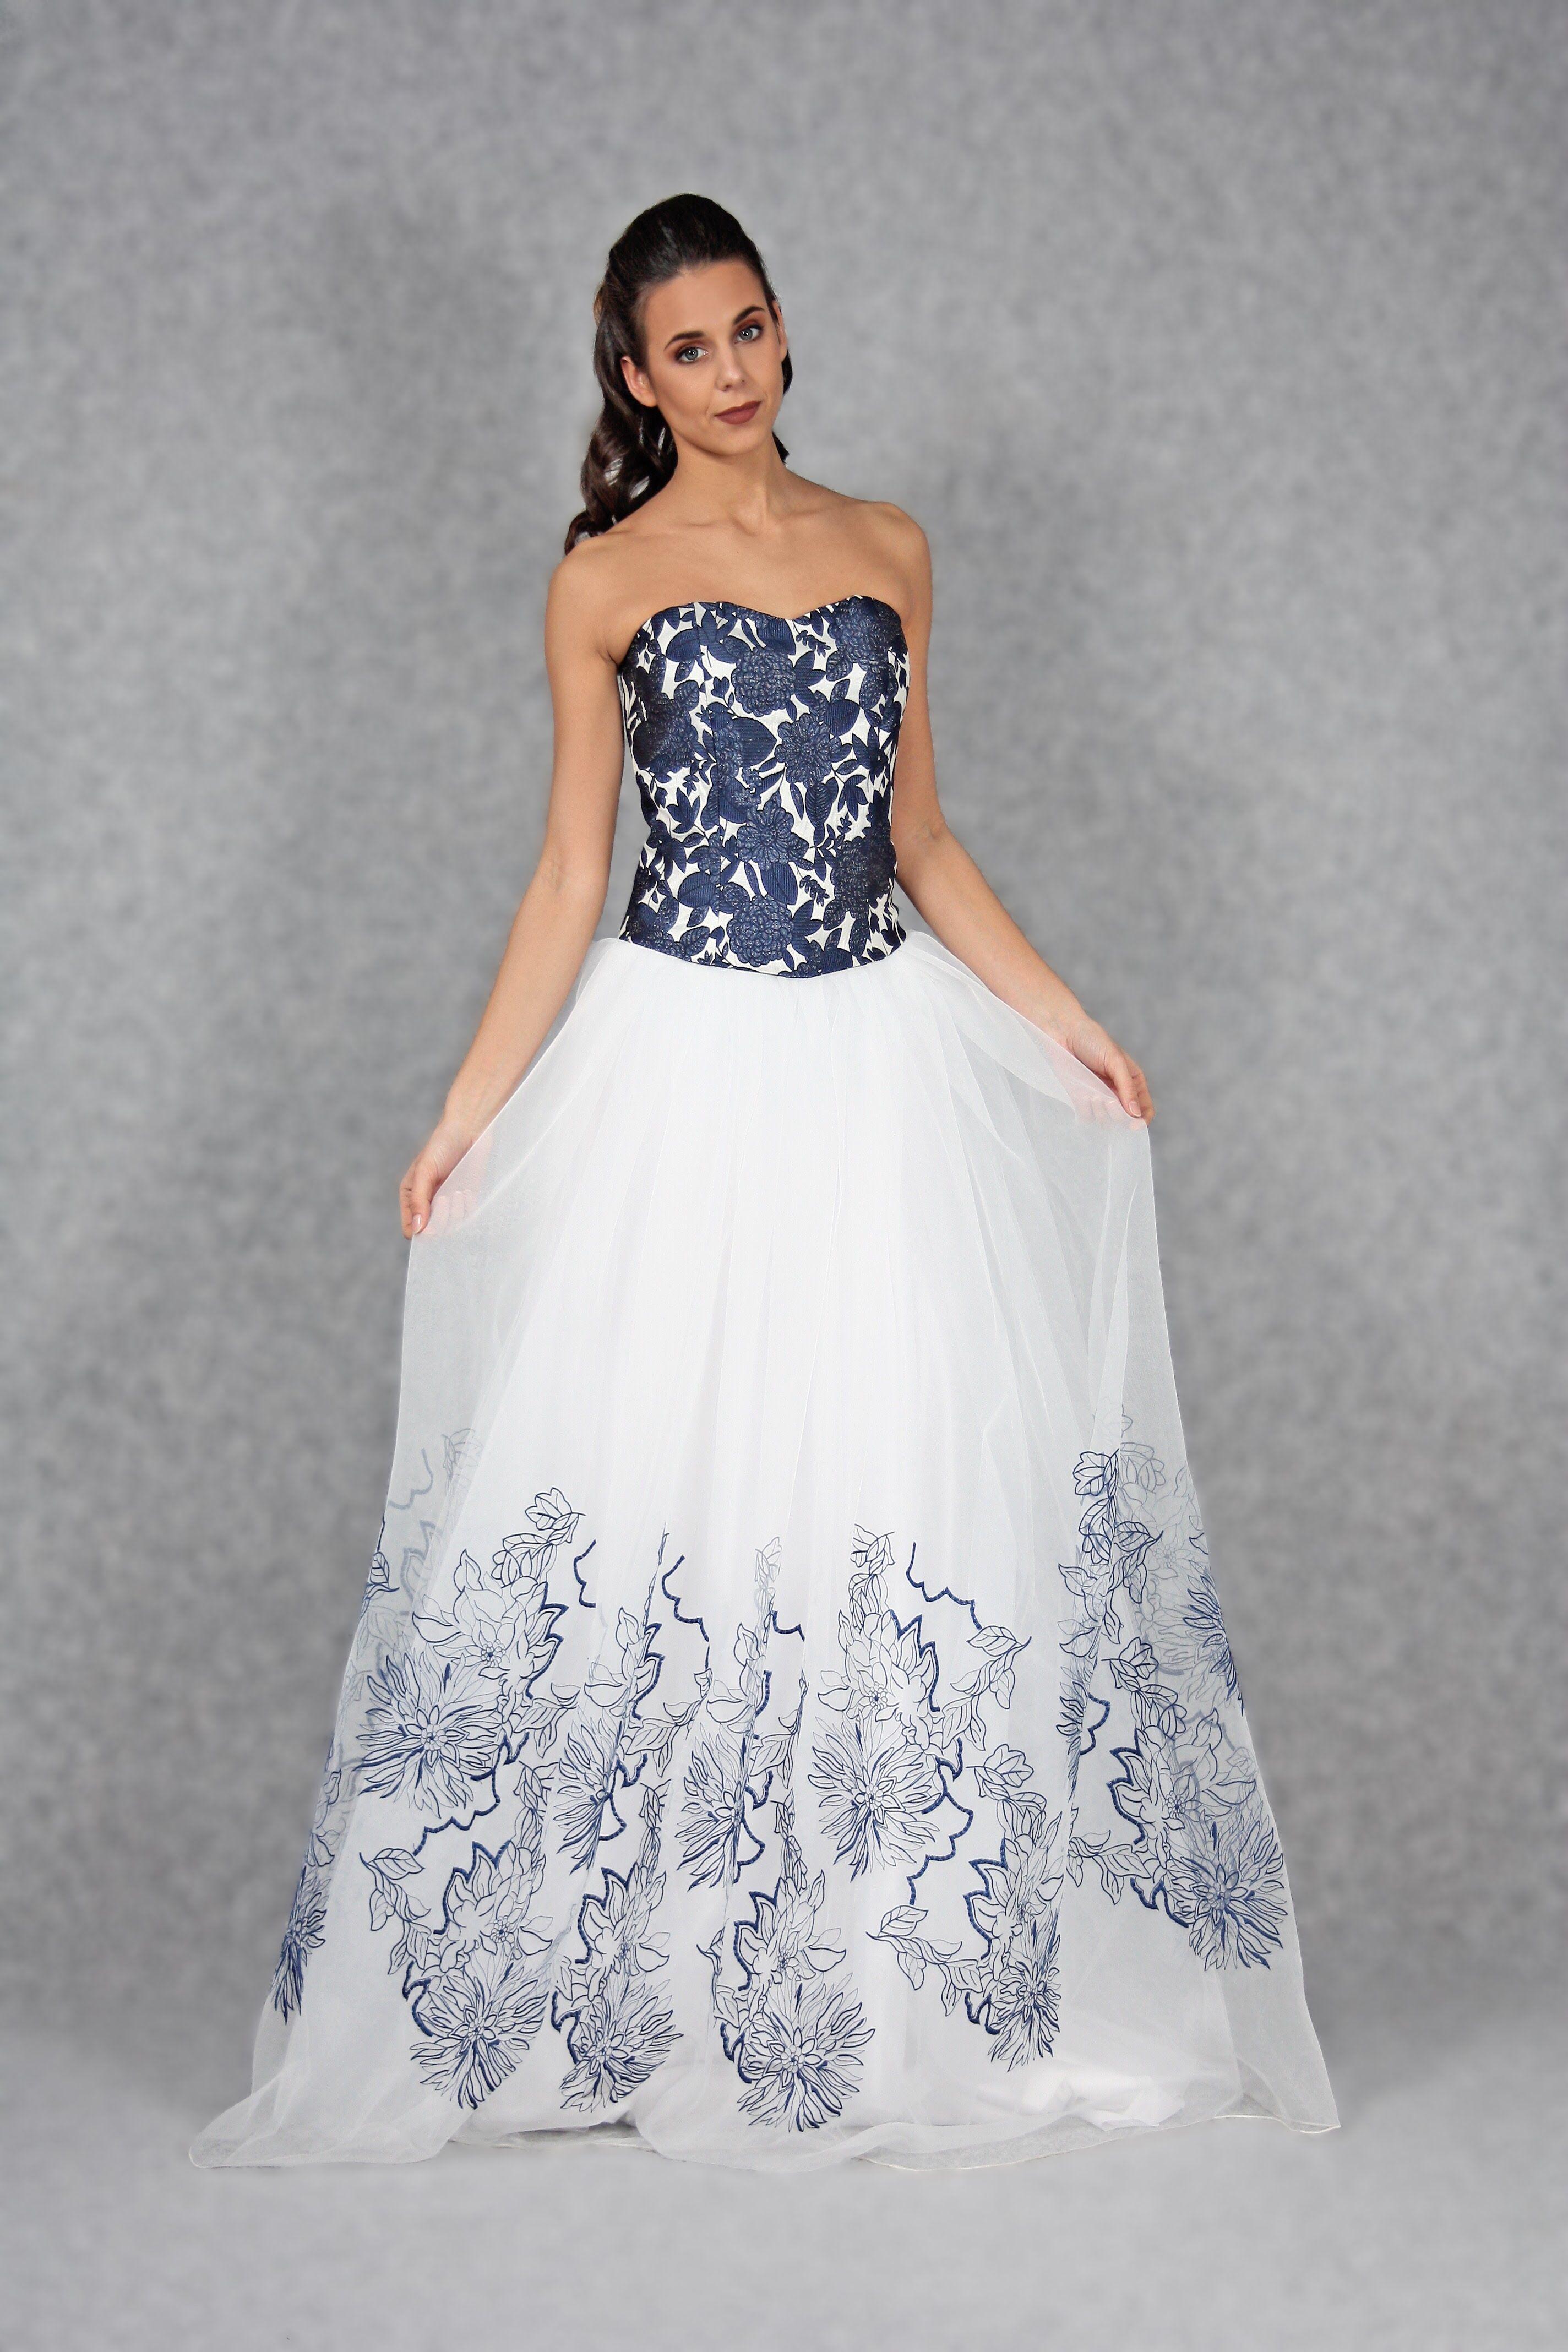 4cdc48d21098 Abito da sposa in due pezzi. Il bustier bluette e bianco è in tessuto  damascato